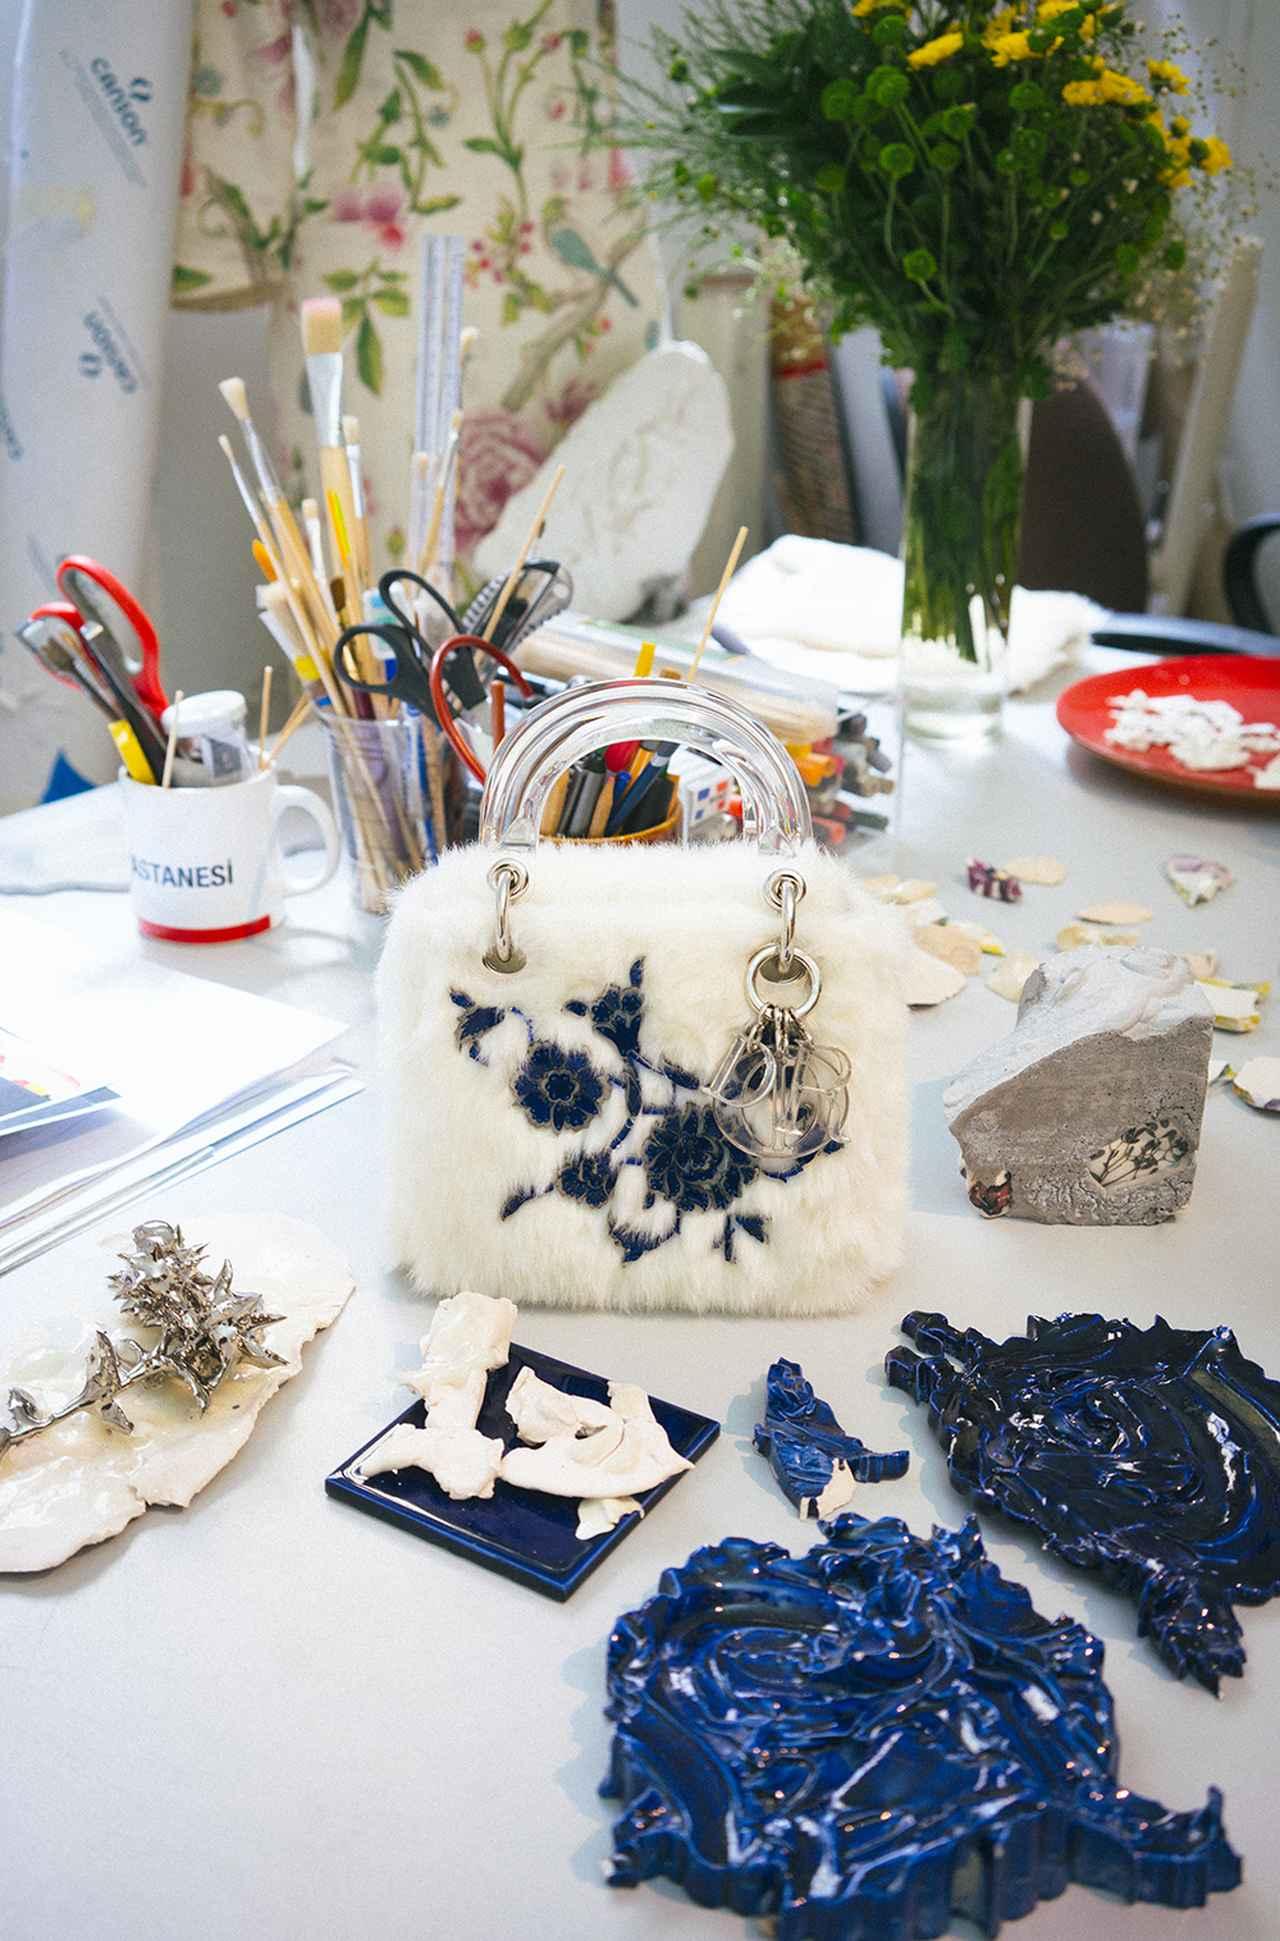 Images : ブルチャク・ビンギョルによるバッグ(ミニサイズ)¥770,000